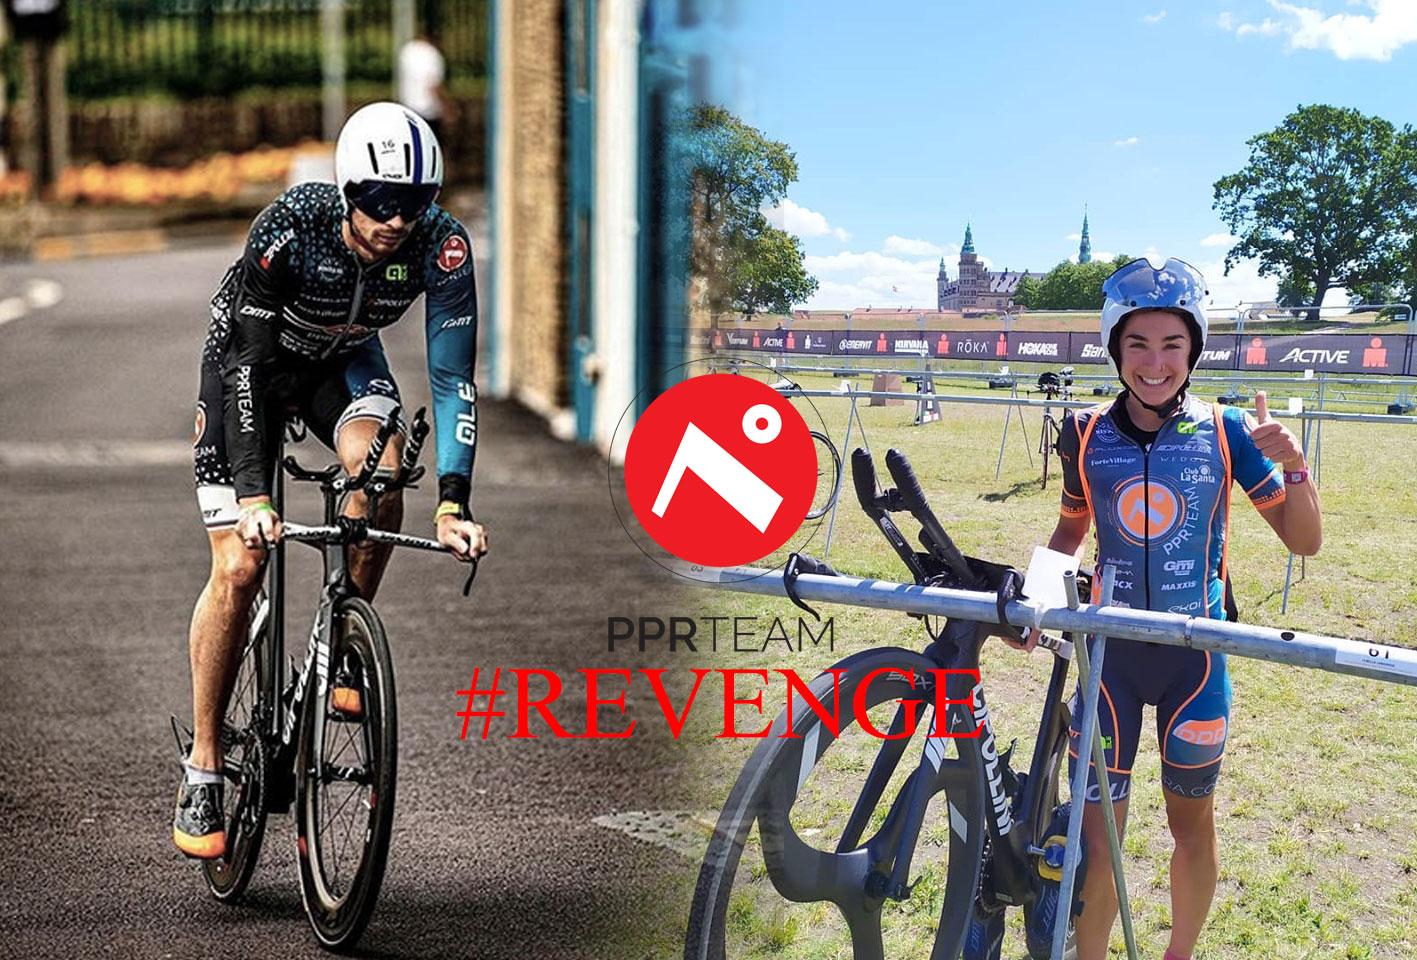 #Rewind, il weekend del PPR del 23 giugno 2019